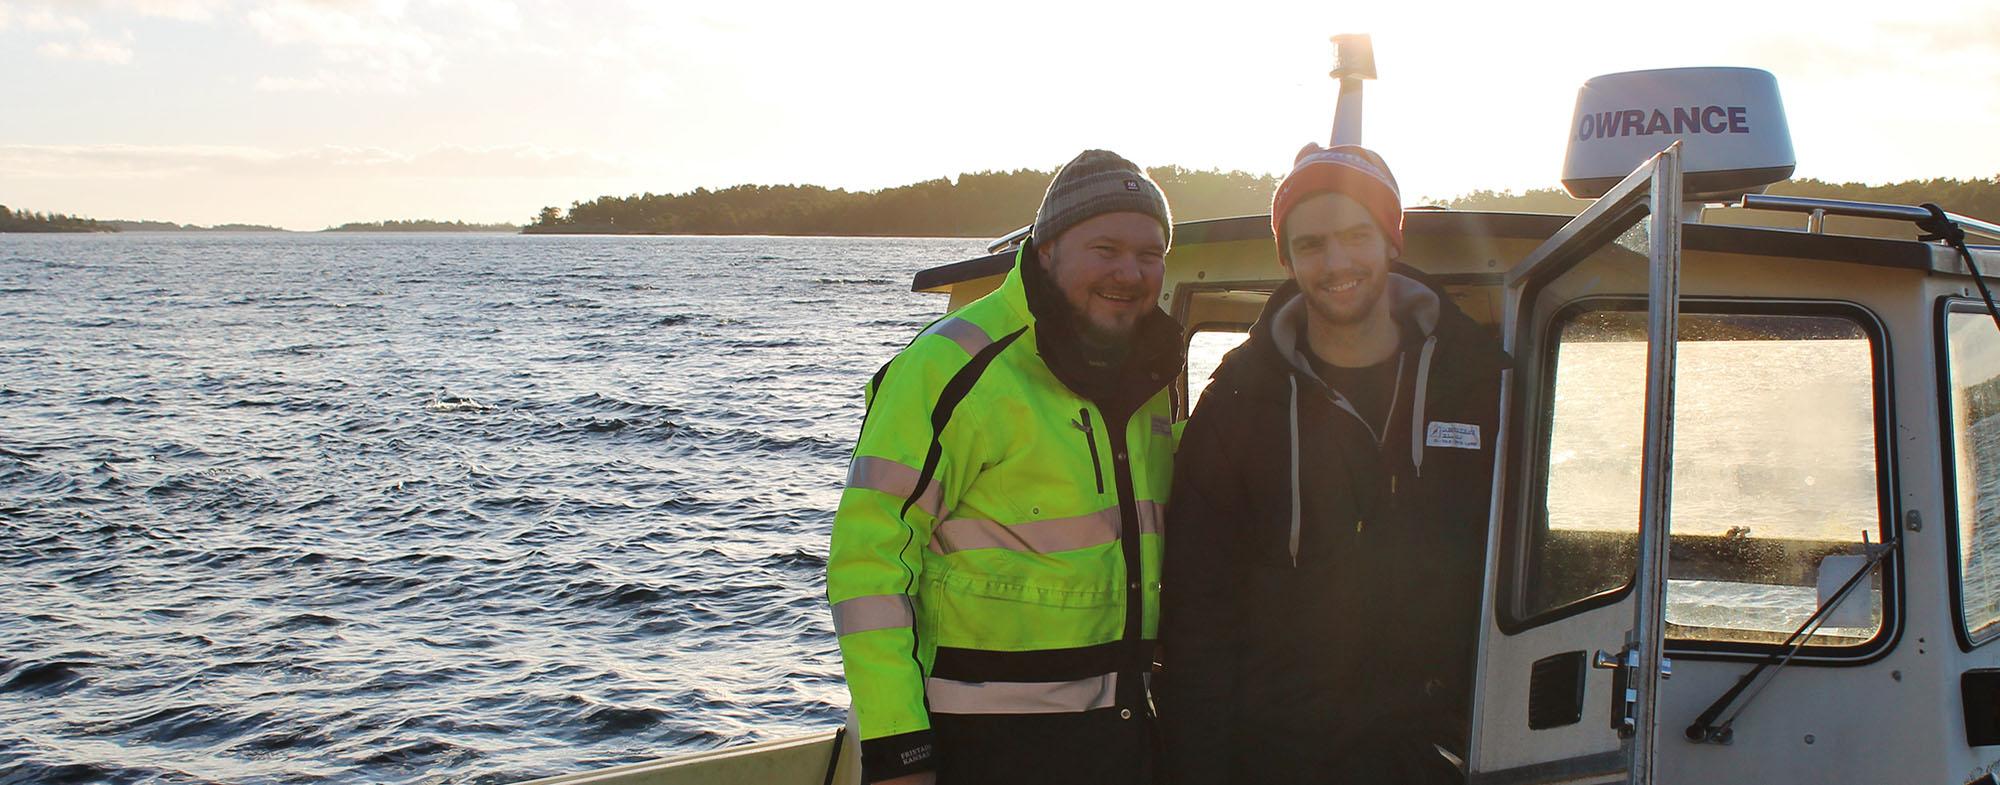 Två medarbetare på båt